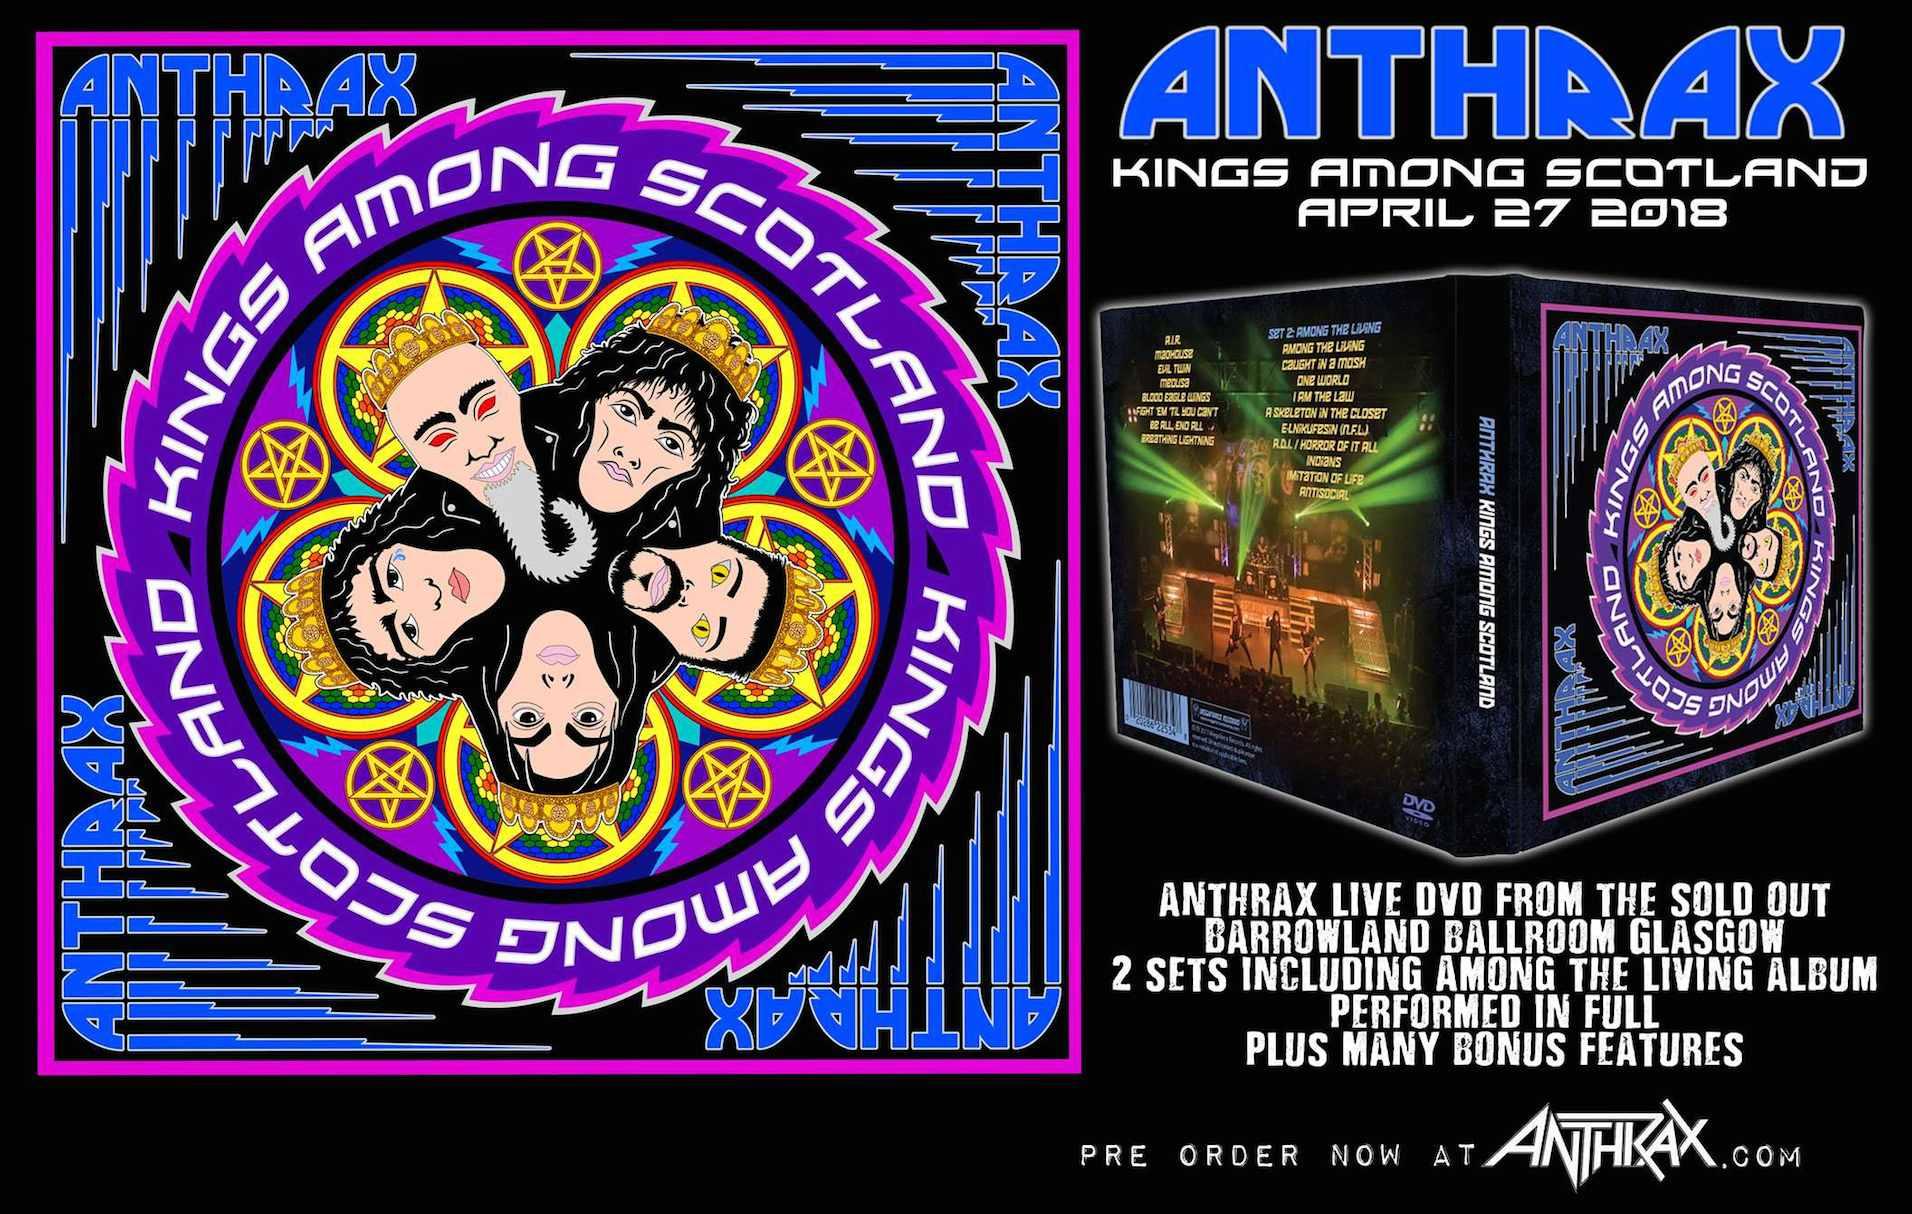 Chronique de l'album Kings Among Scotland - Anthrax - Art'n